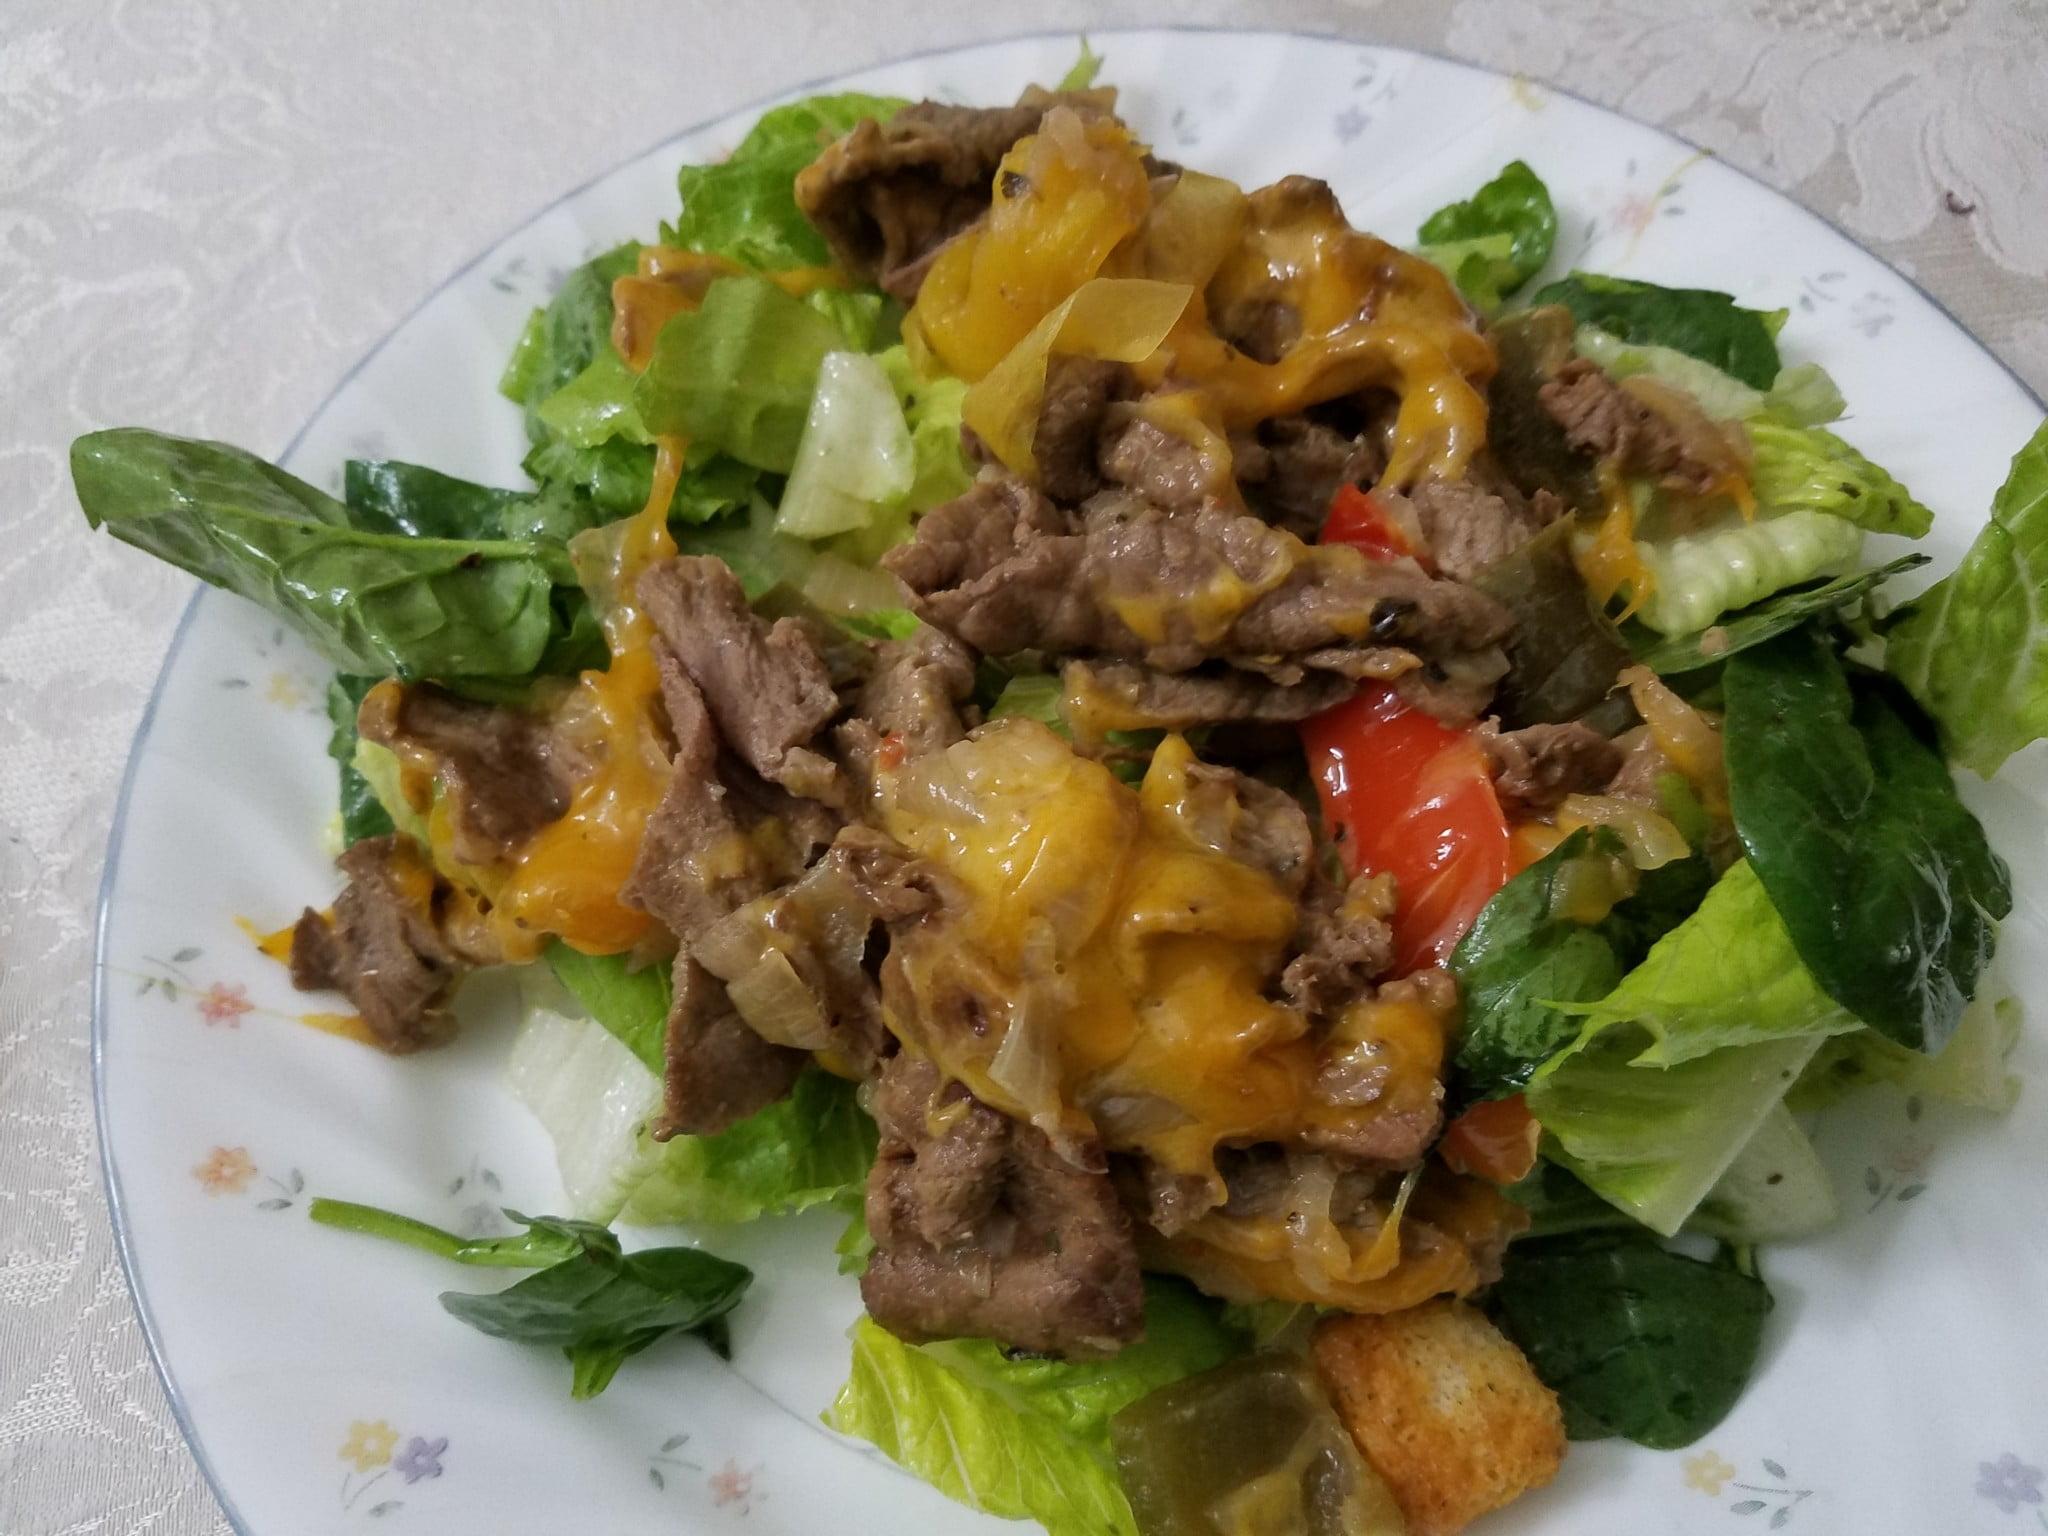 Cheese Steak Salad